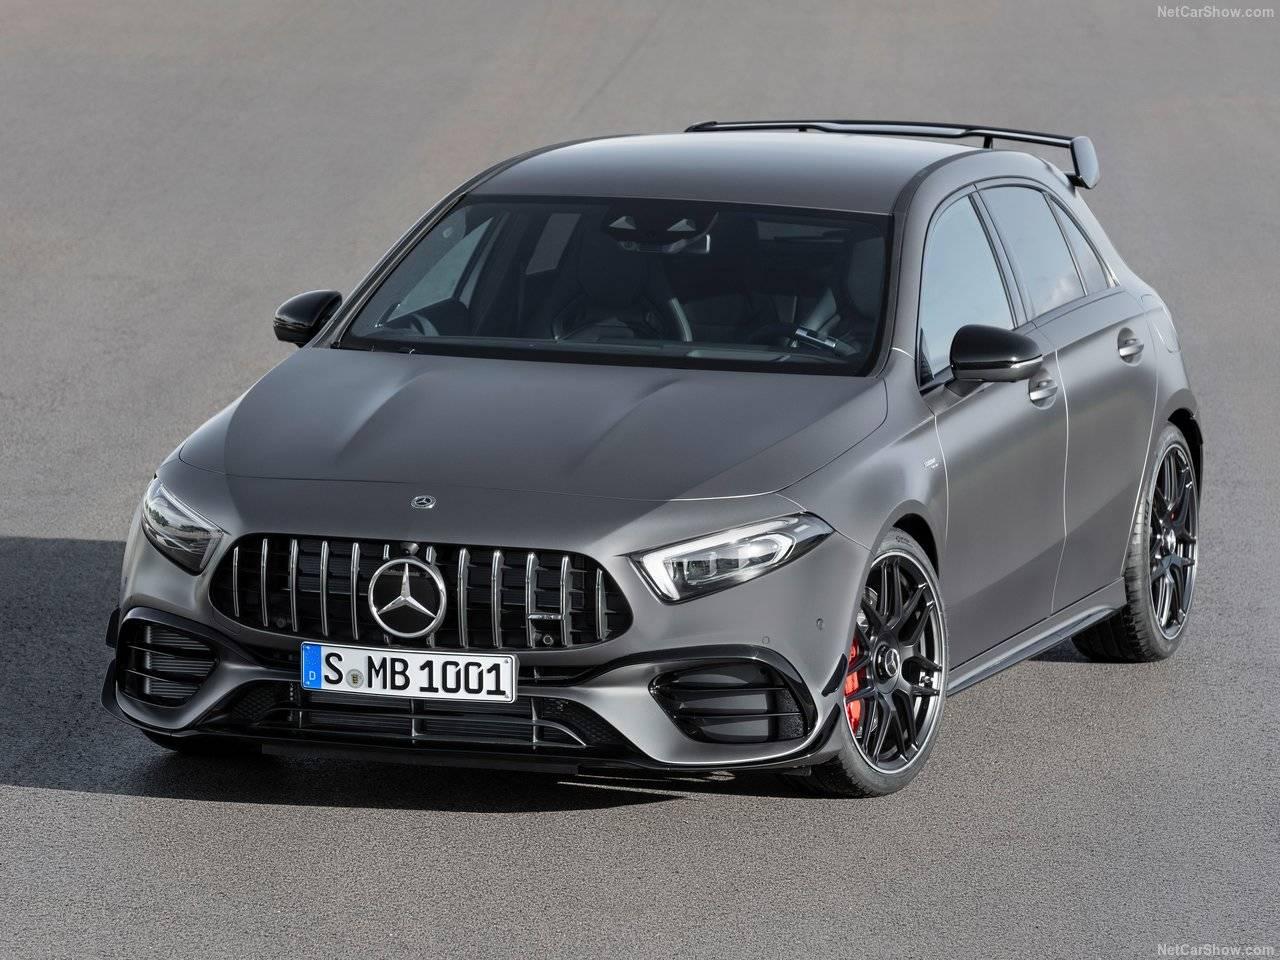 メルセデスベンツが、新型A45 S AMG 4Matic+を発表!